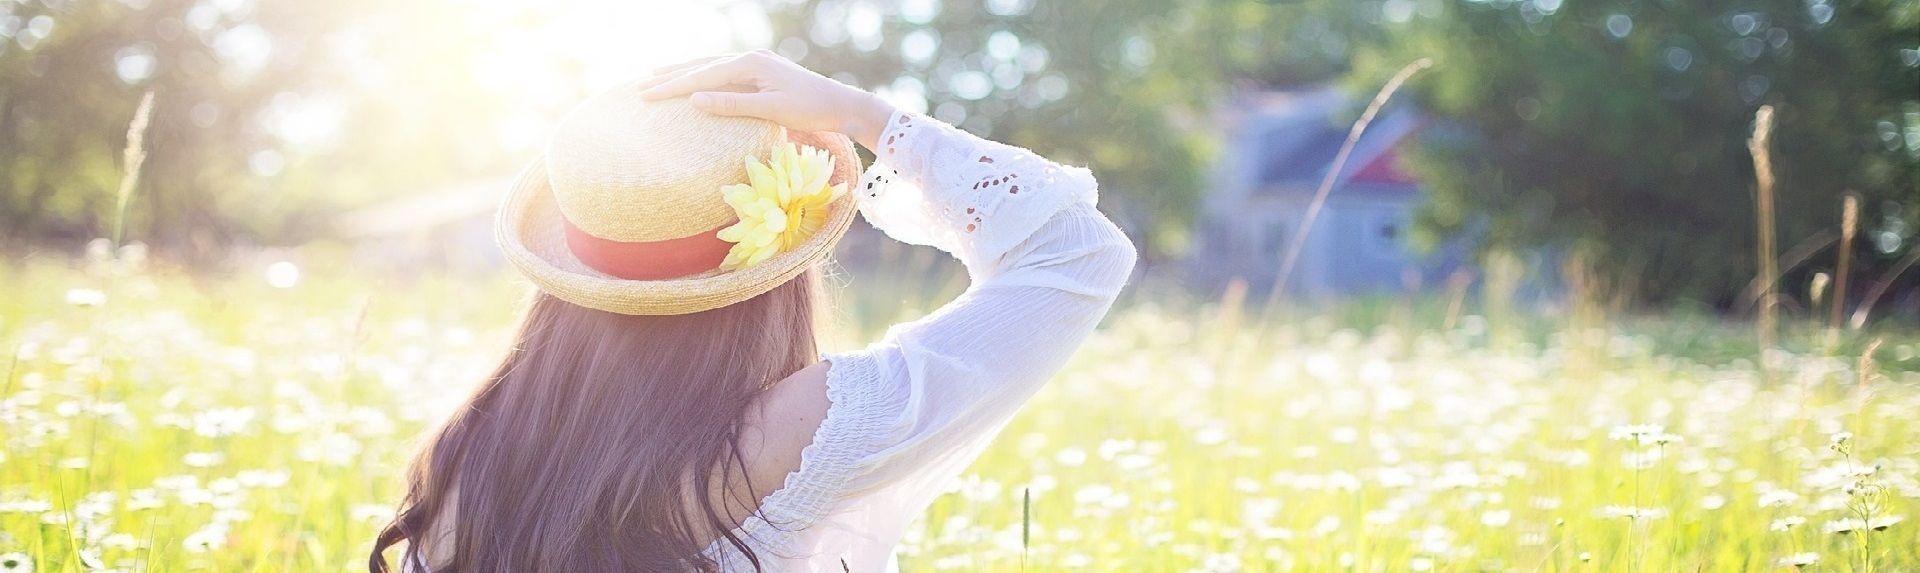 Травы, содержащие эстрогены, для женщин